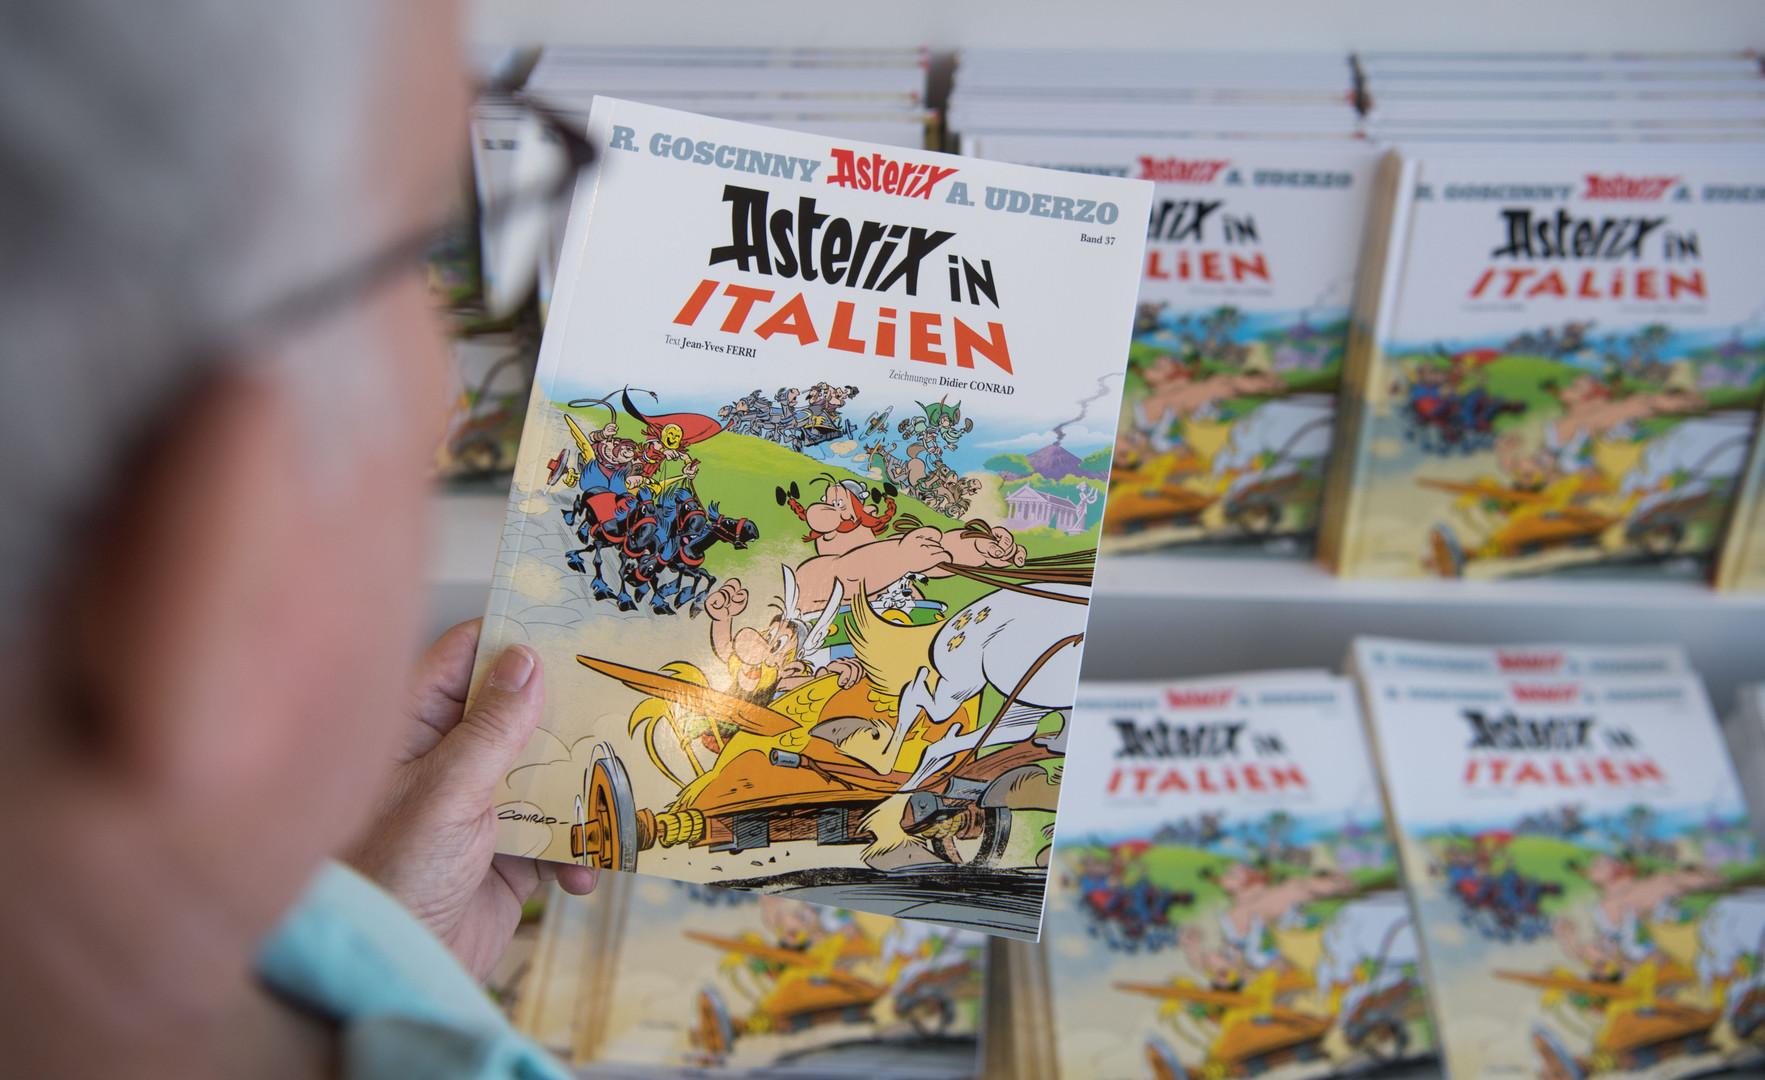 Opfer politischer Korrektheit? Neueste Asterix-Ausgabe ohne Karte des widerspenstigen Gallier-Dorfes